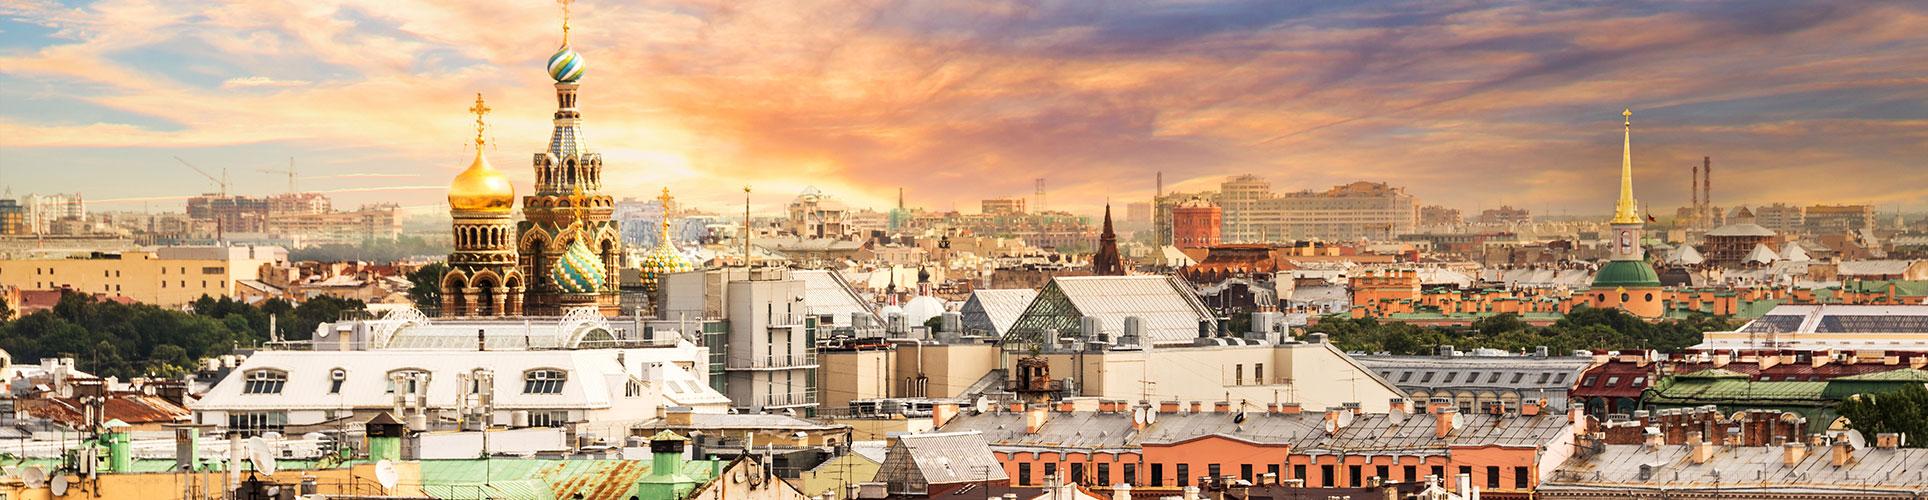 Sankt Petersburg, Polen , Estland, Lettland & Litauen – Busreise ab Franken und Minikreuzfahrt